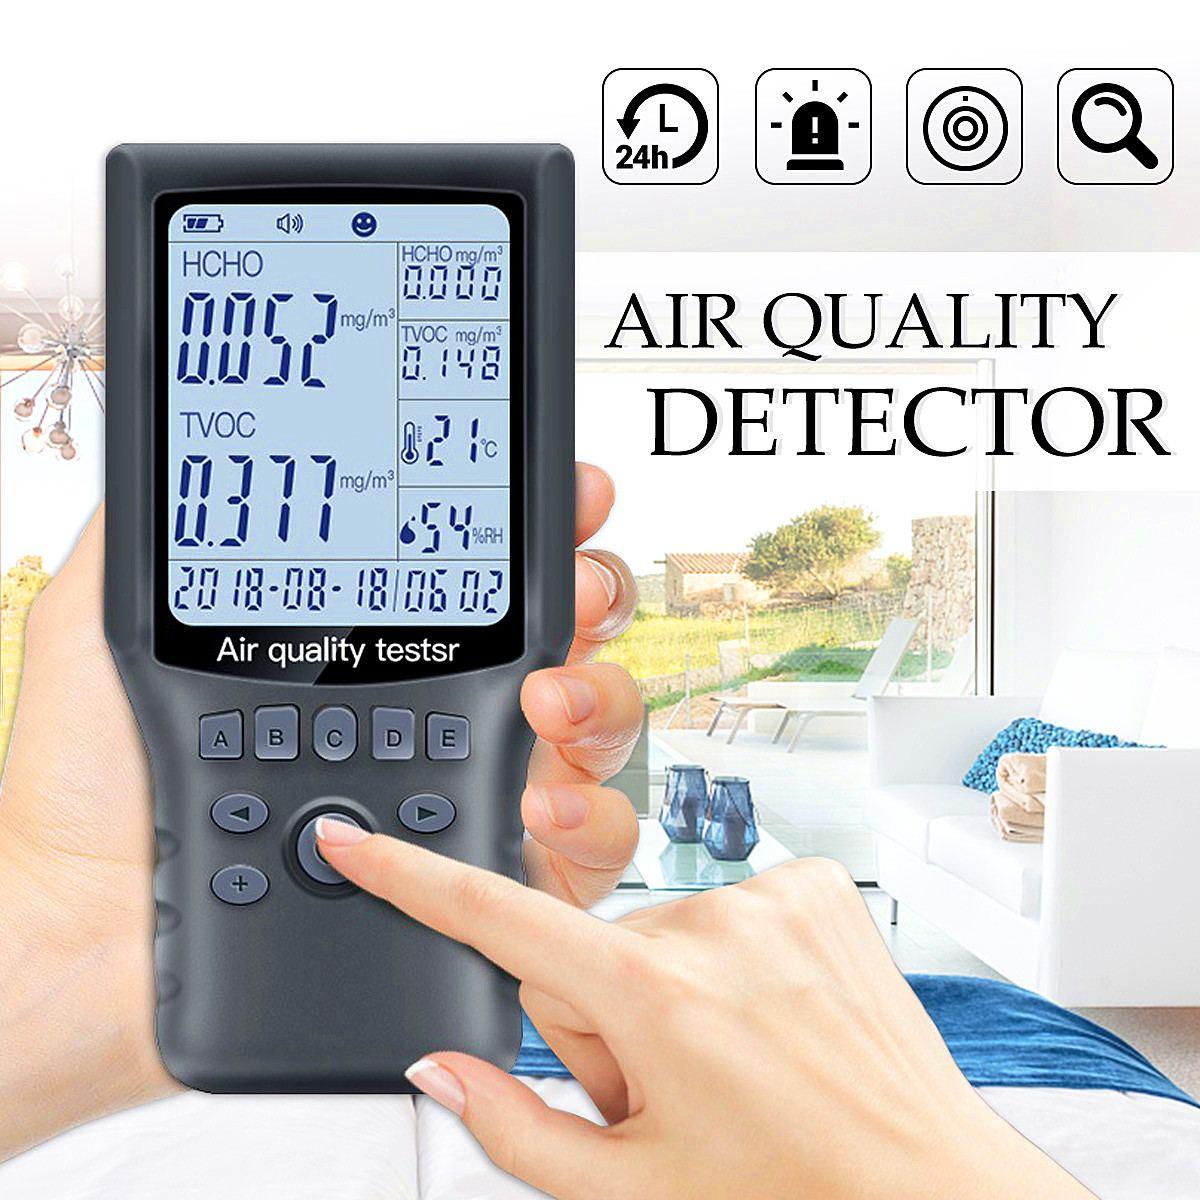 Nouveau Portable Air Qualité Détecteur HCHO COVT Testeur moniteur gaz/Analyseur De Gaz/Température/hygromètre Maison De Voiture Outils De Diagnostic